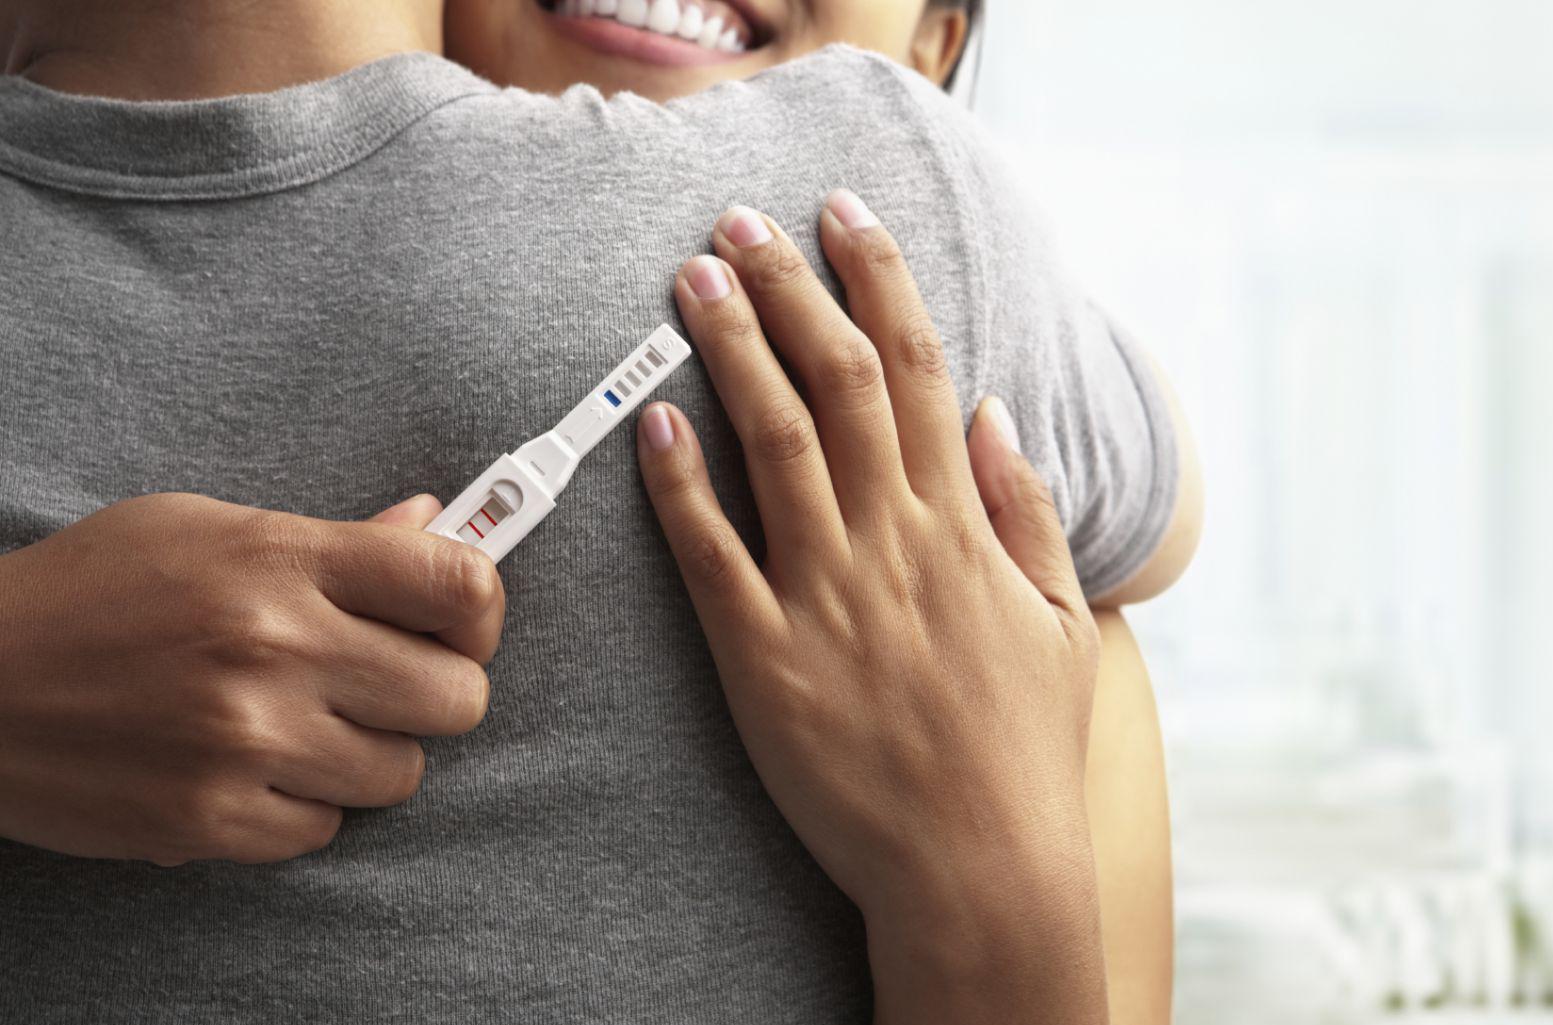 Церукал при беременности — незаменимое средство в борьбе с токсикозом